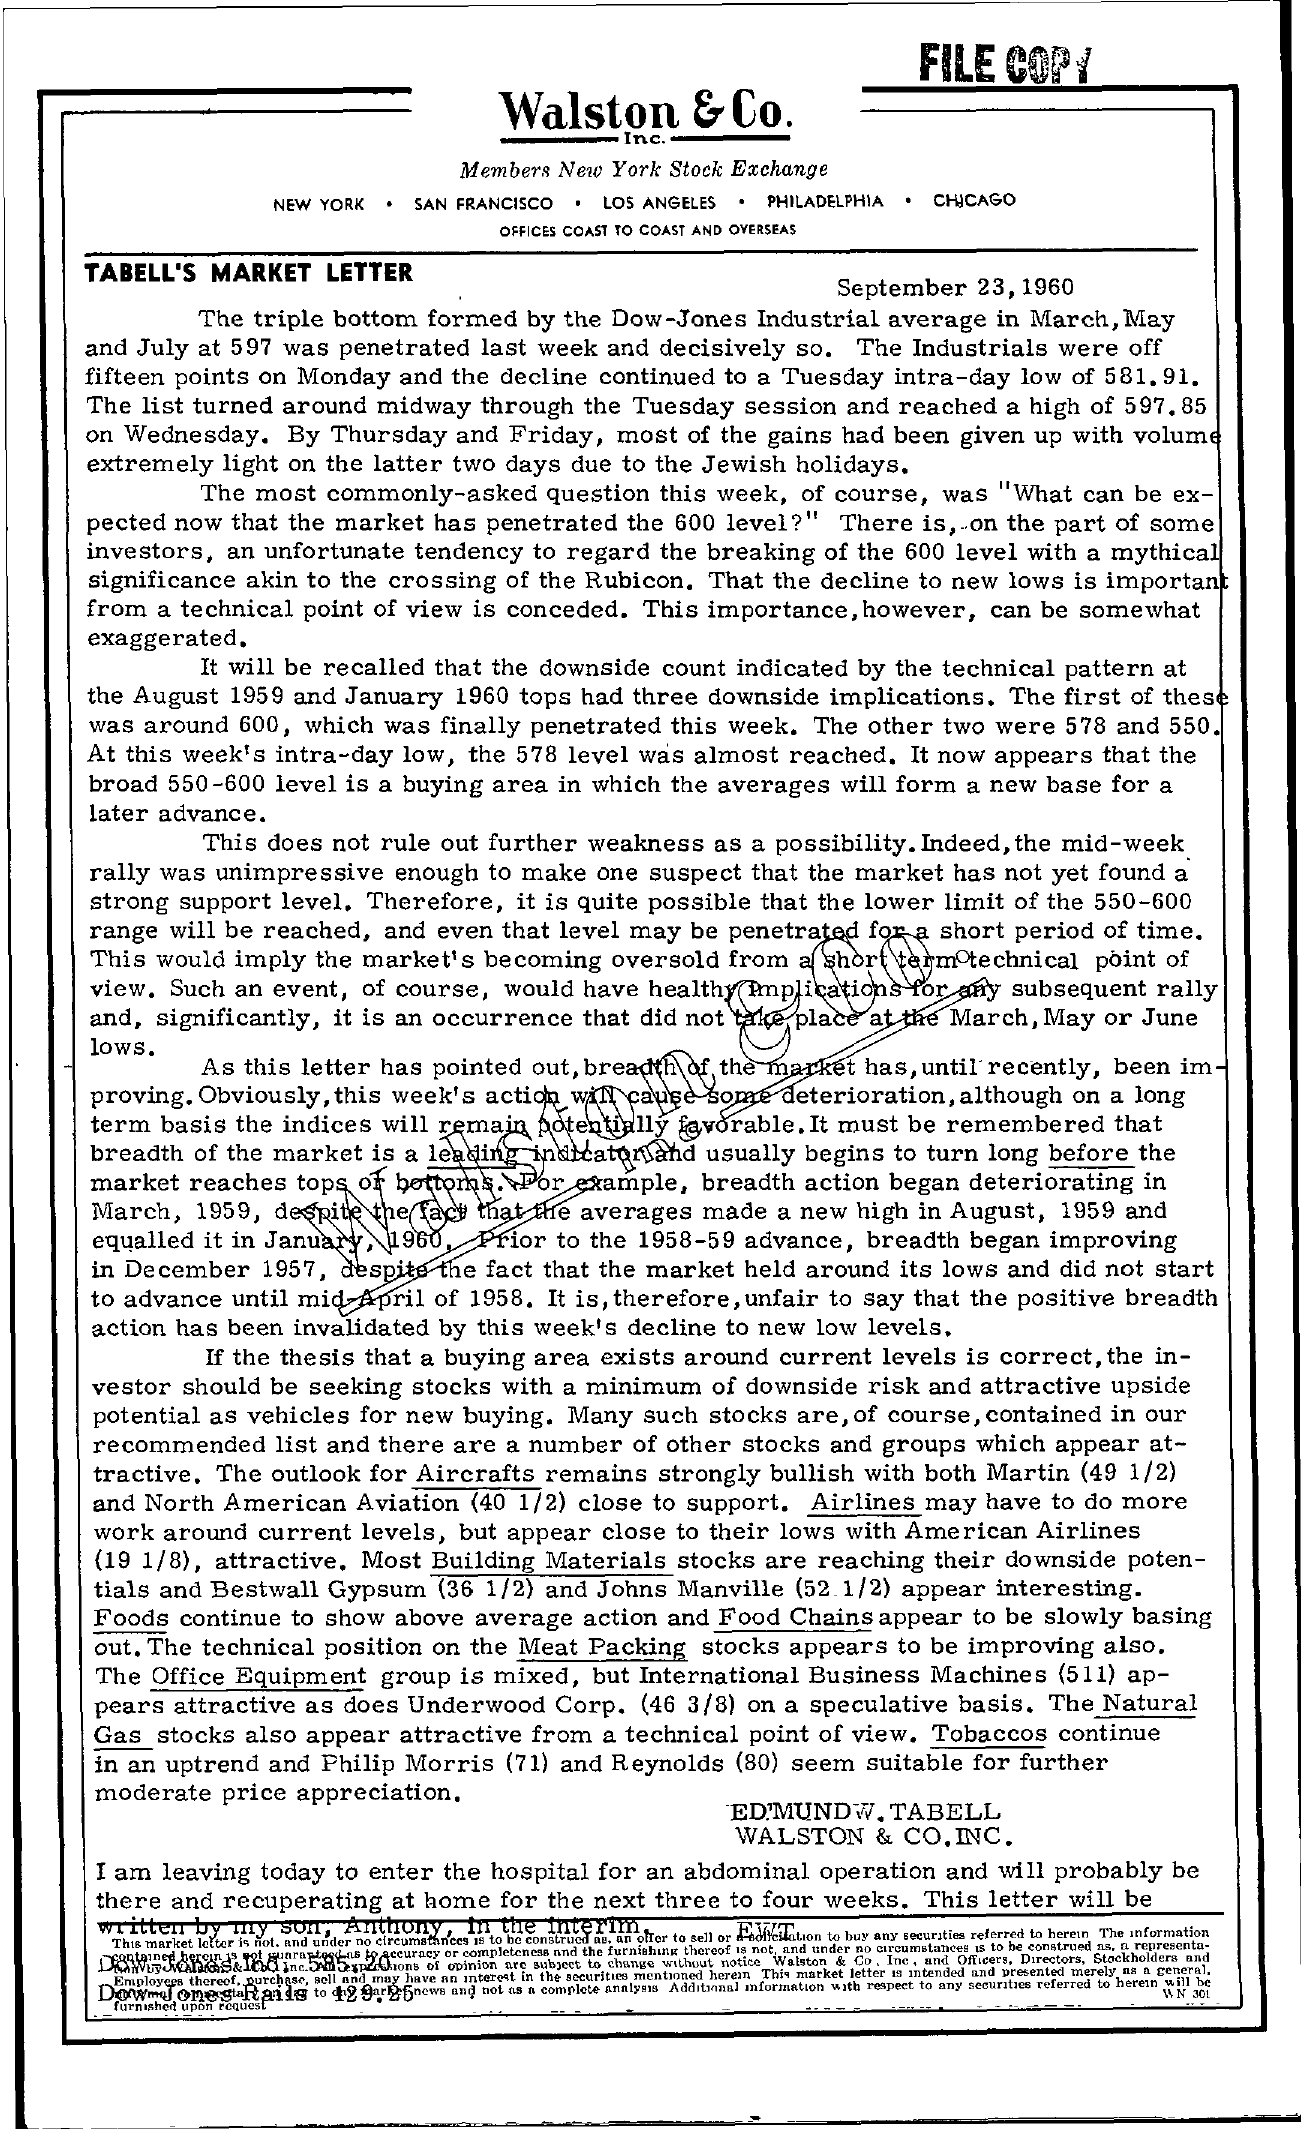 Tabell's Market Letter - September 23, 1960